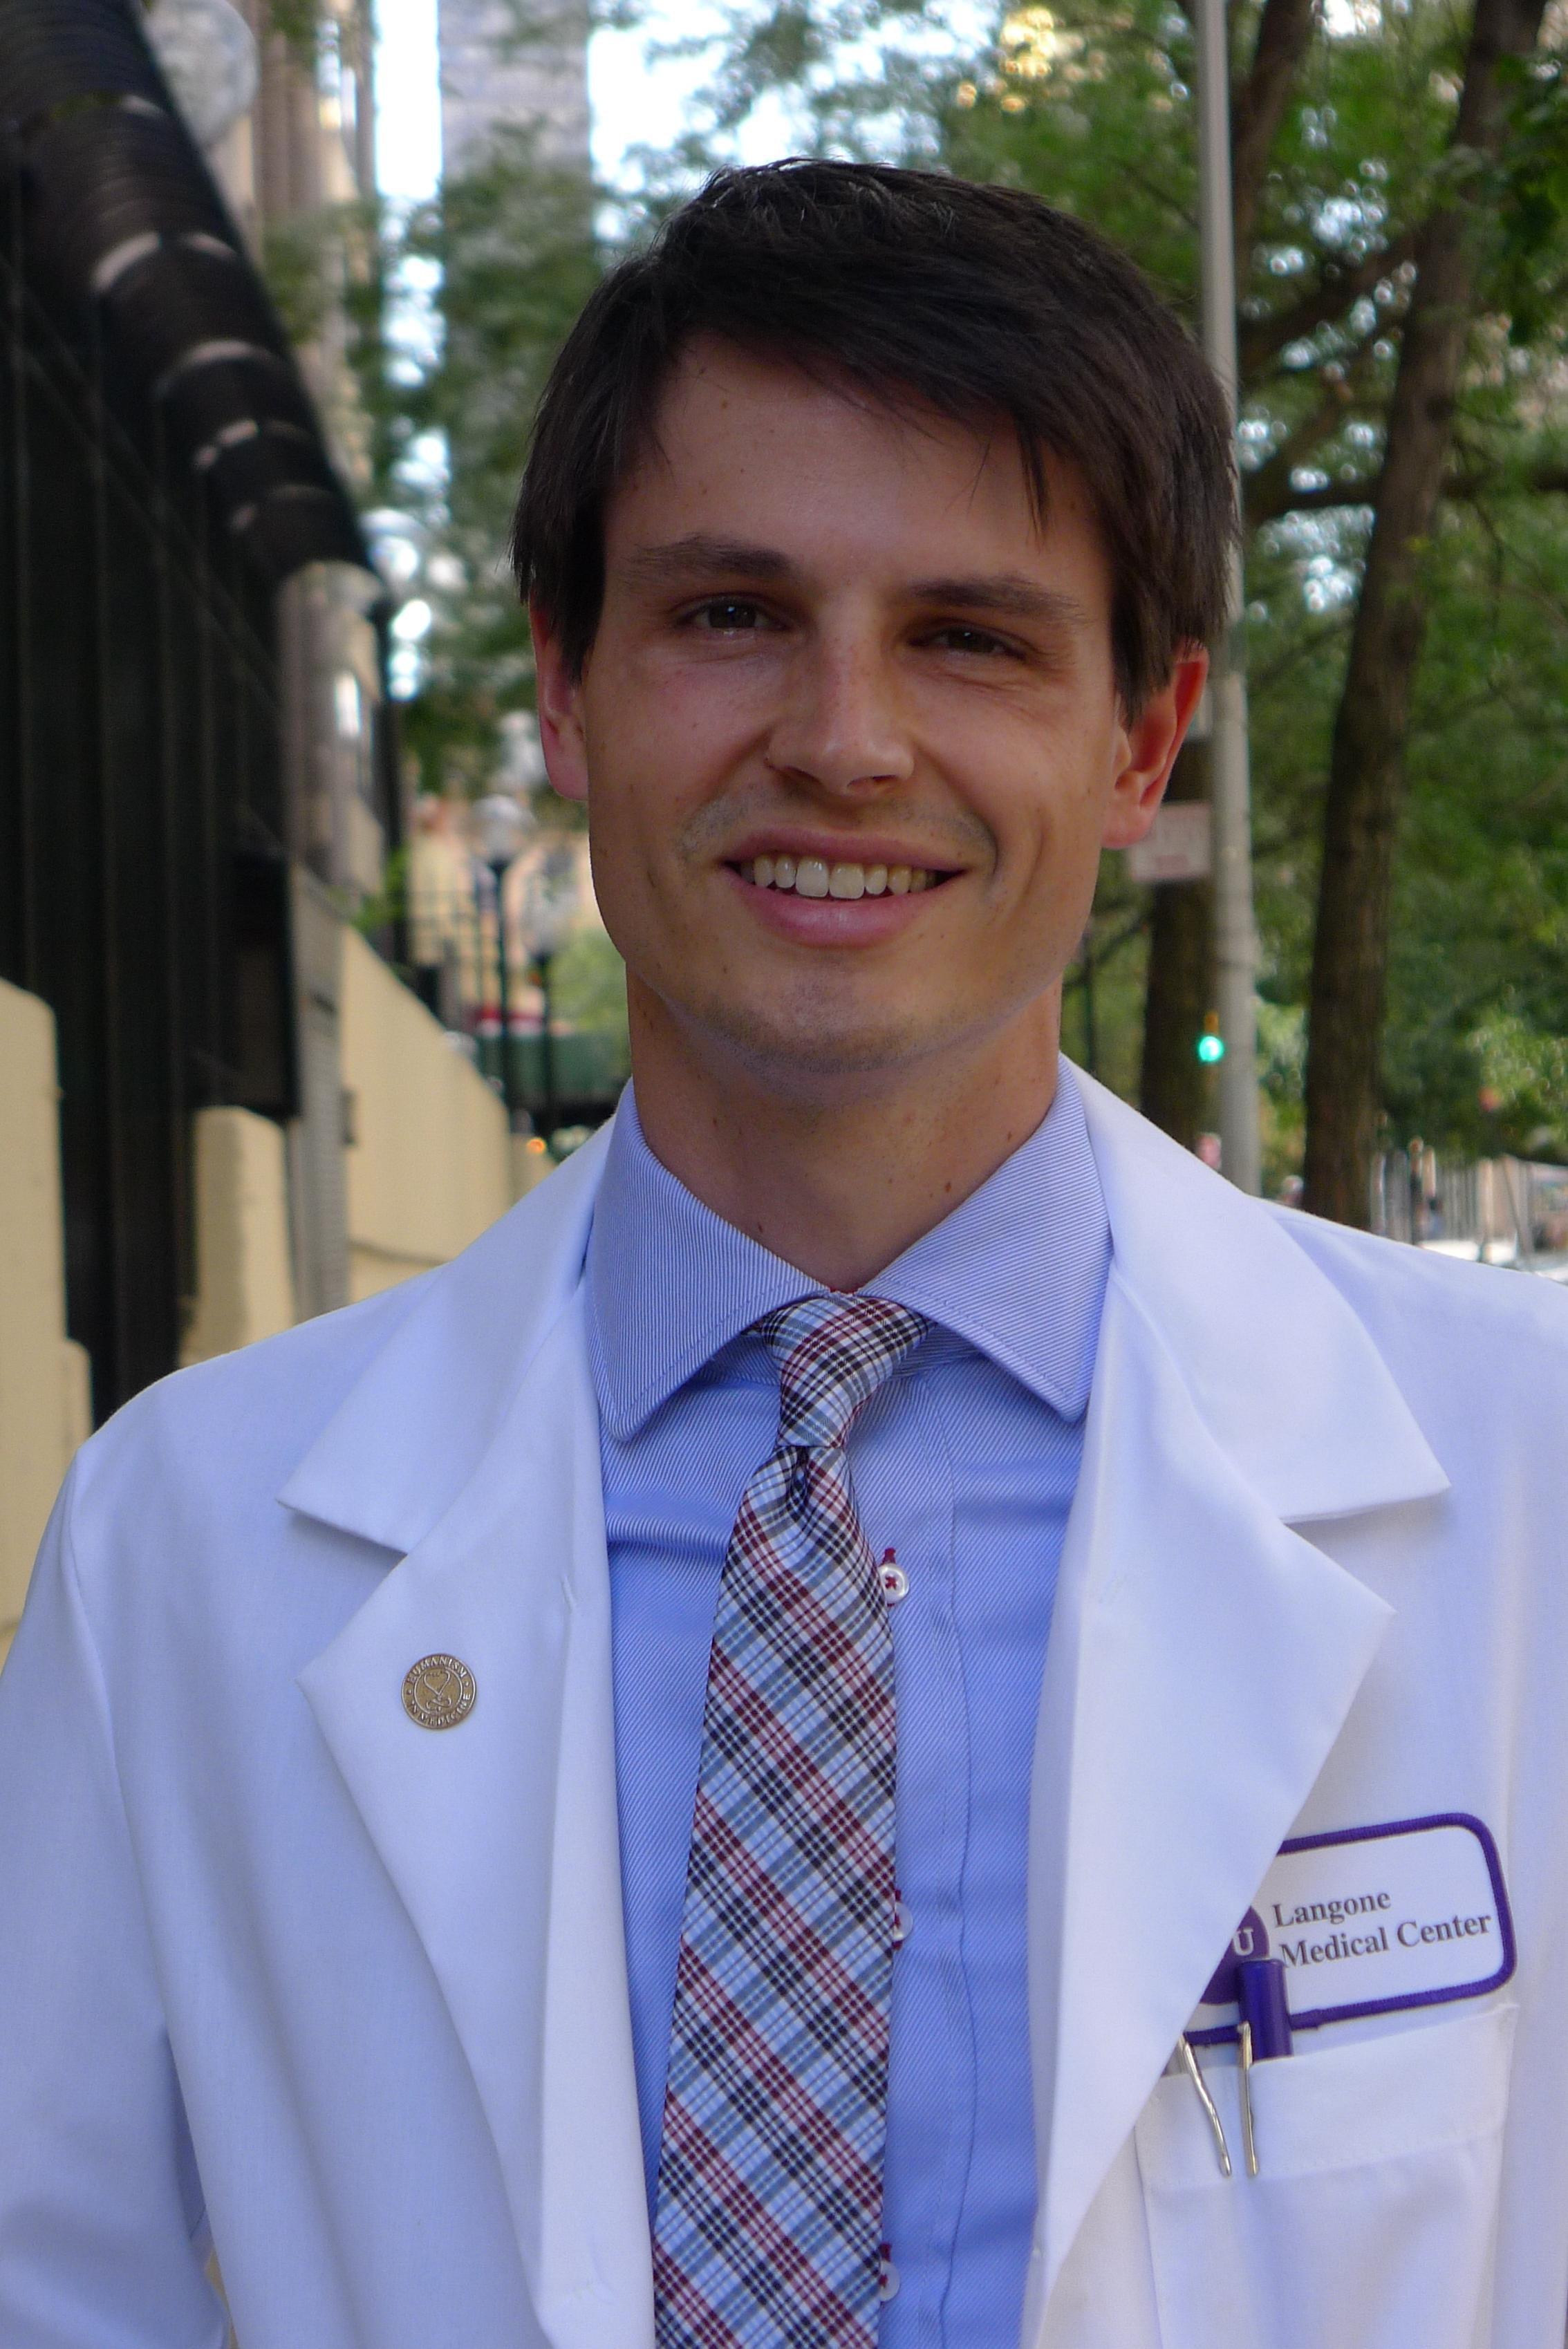 Medical school! www.mytributejournal.com